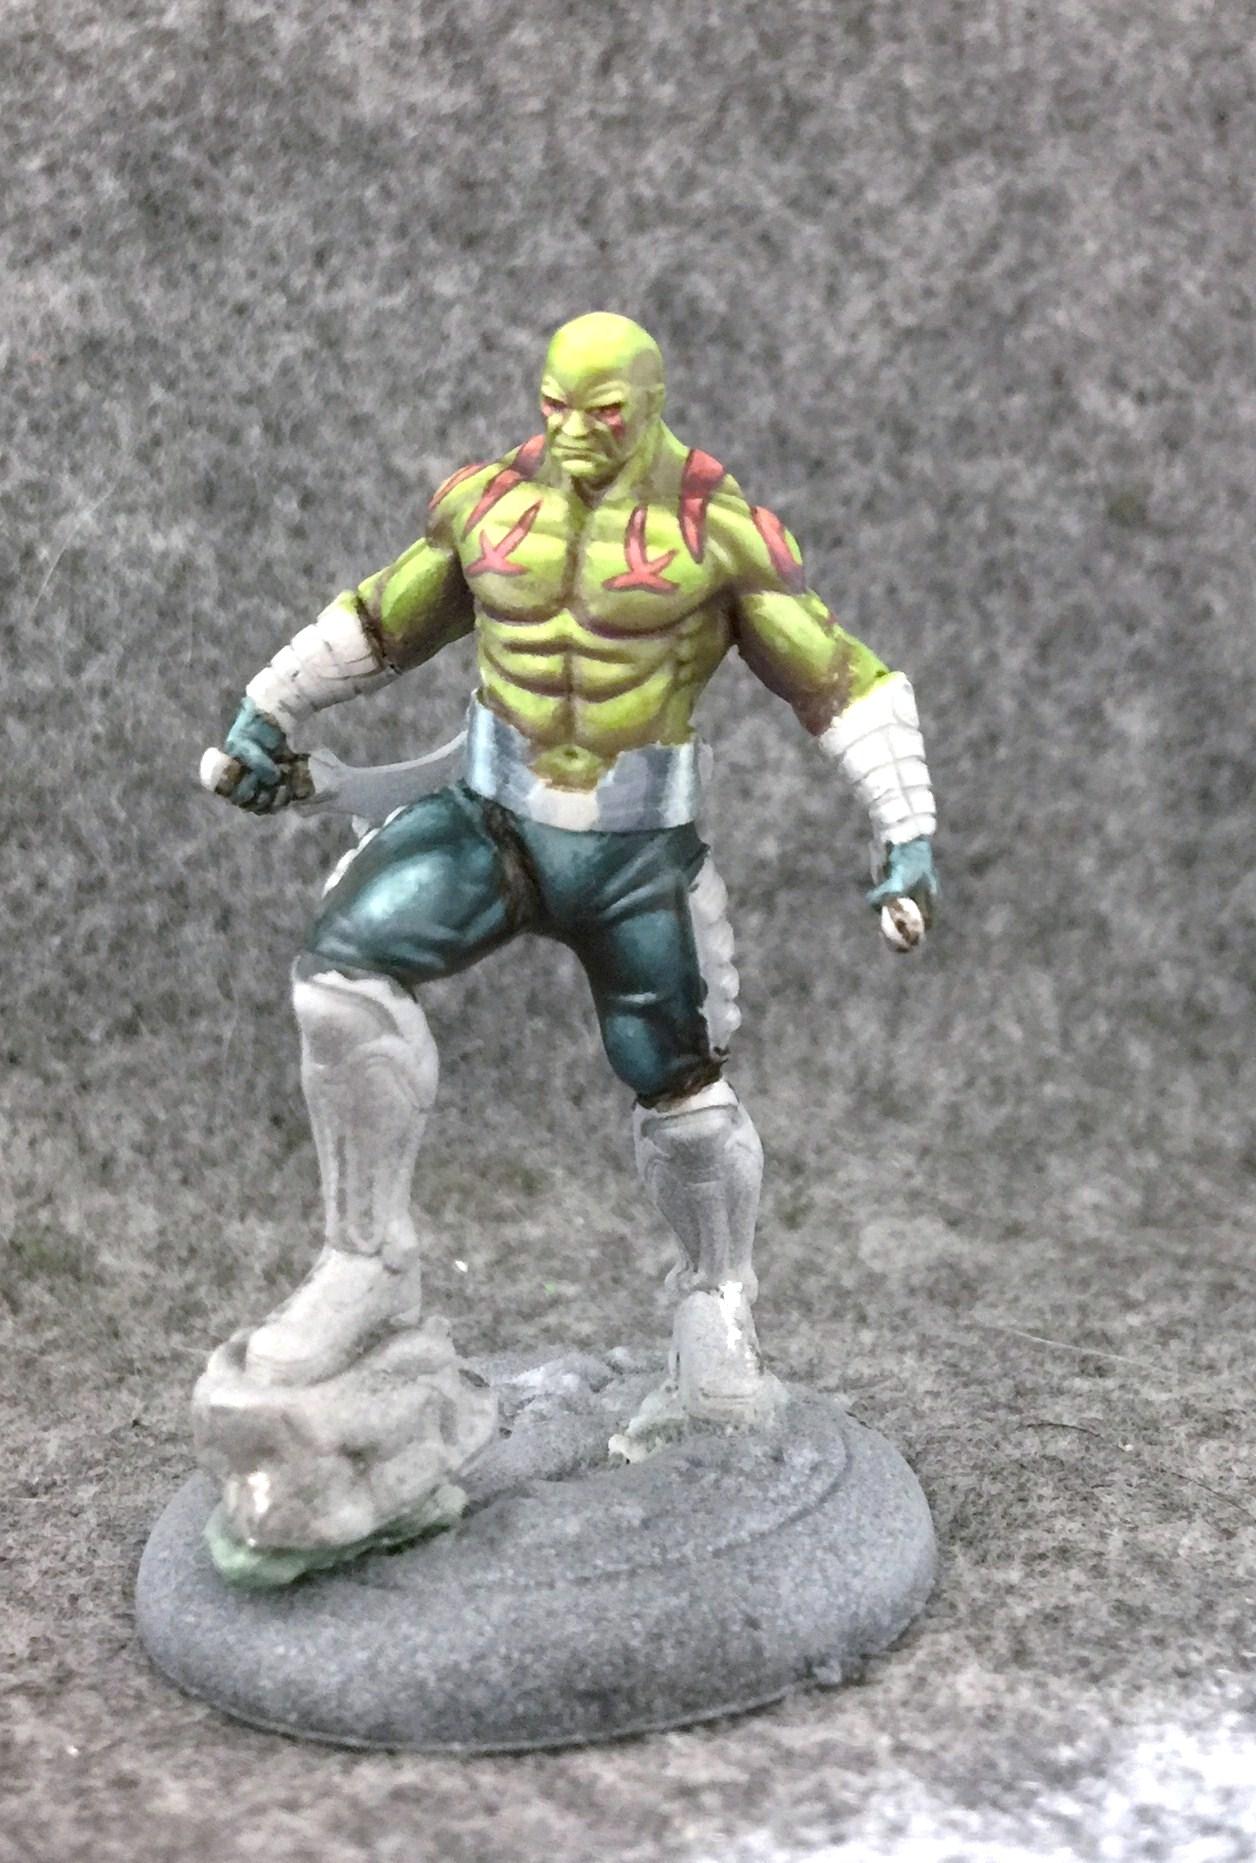 010 Drax Knight Models